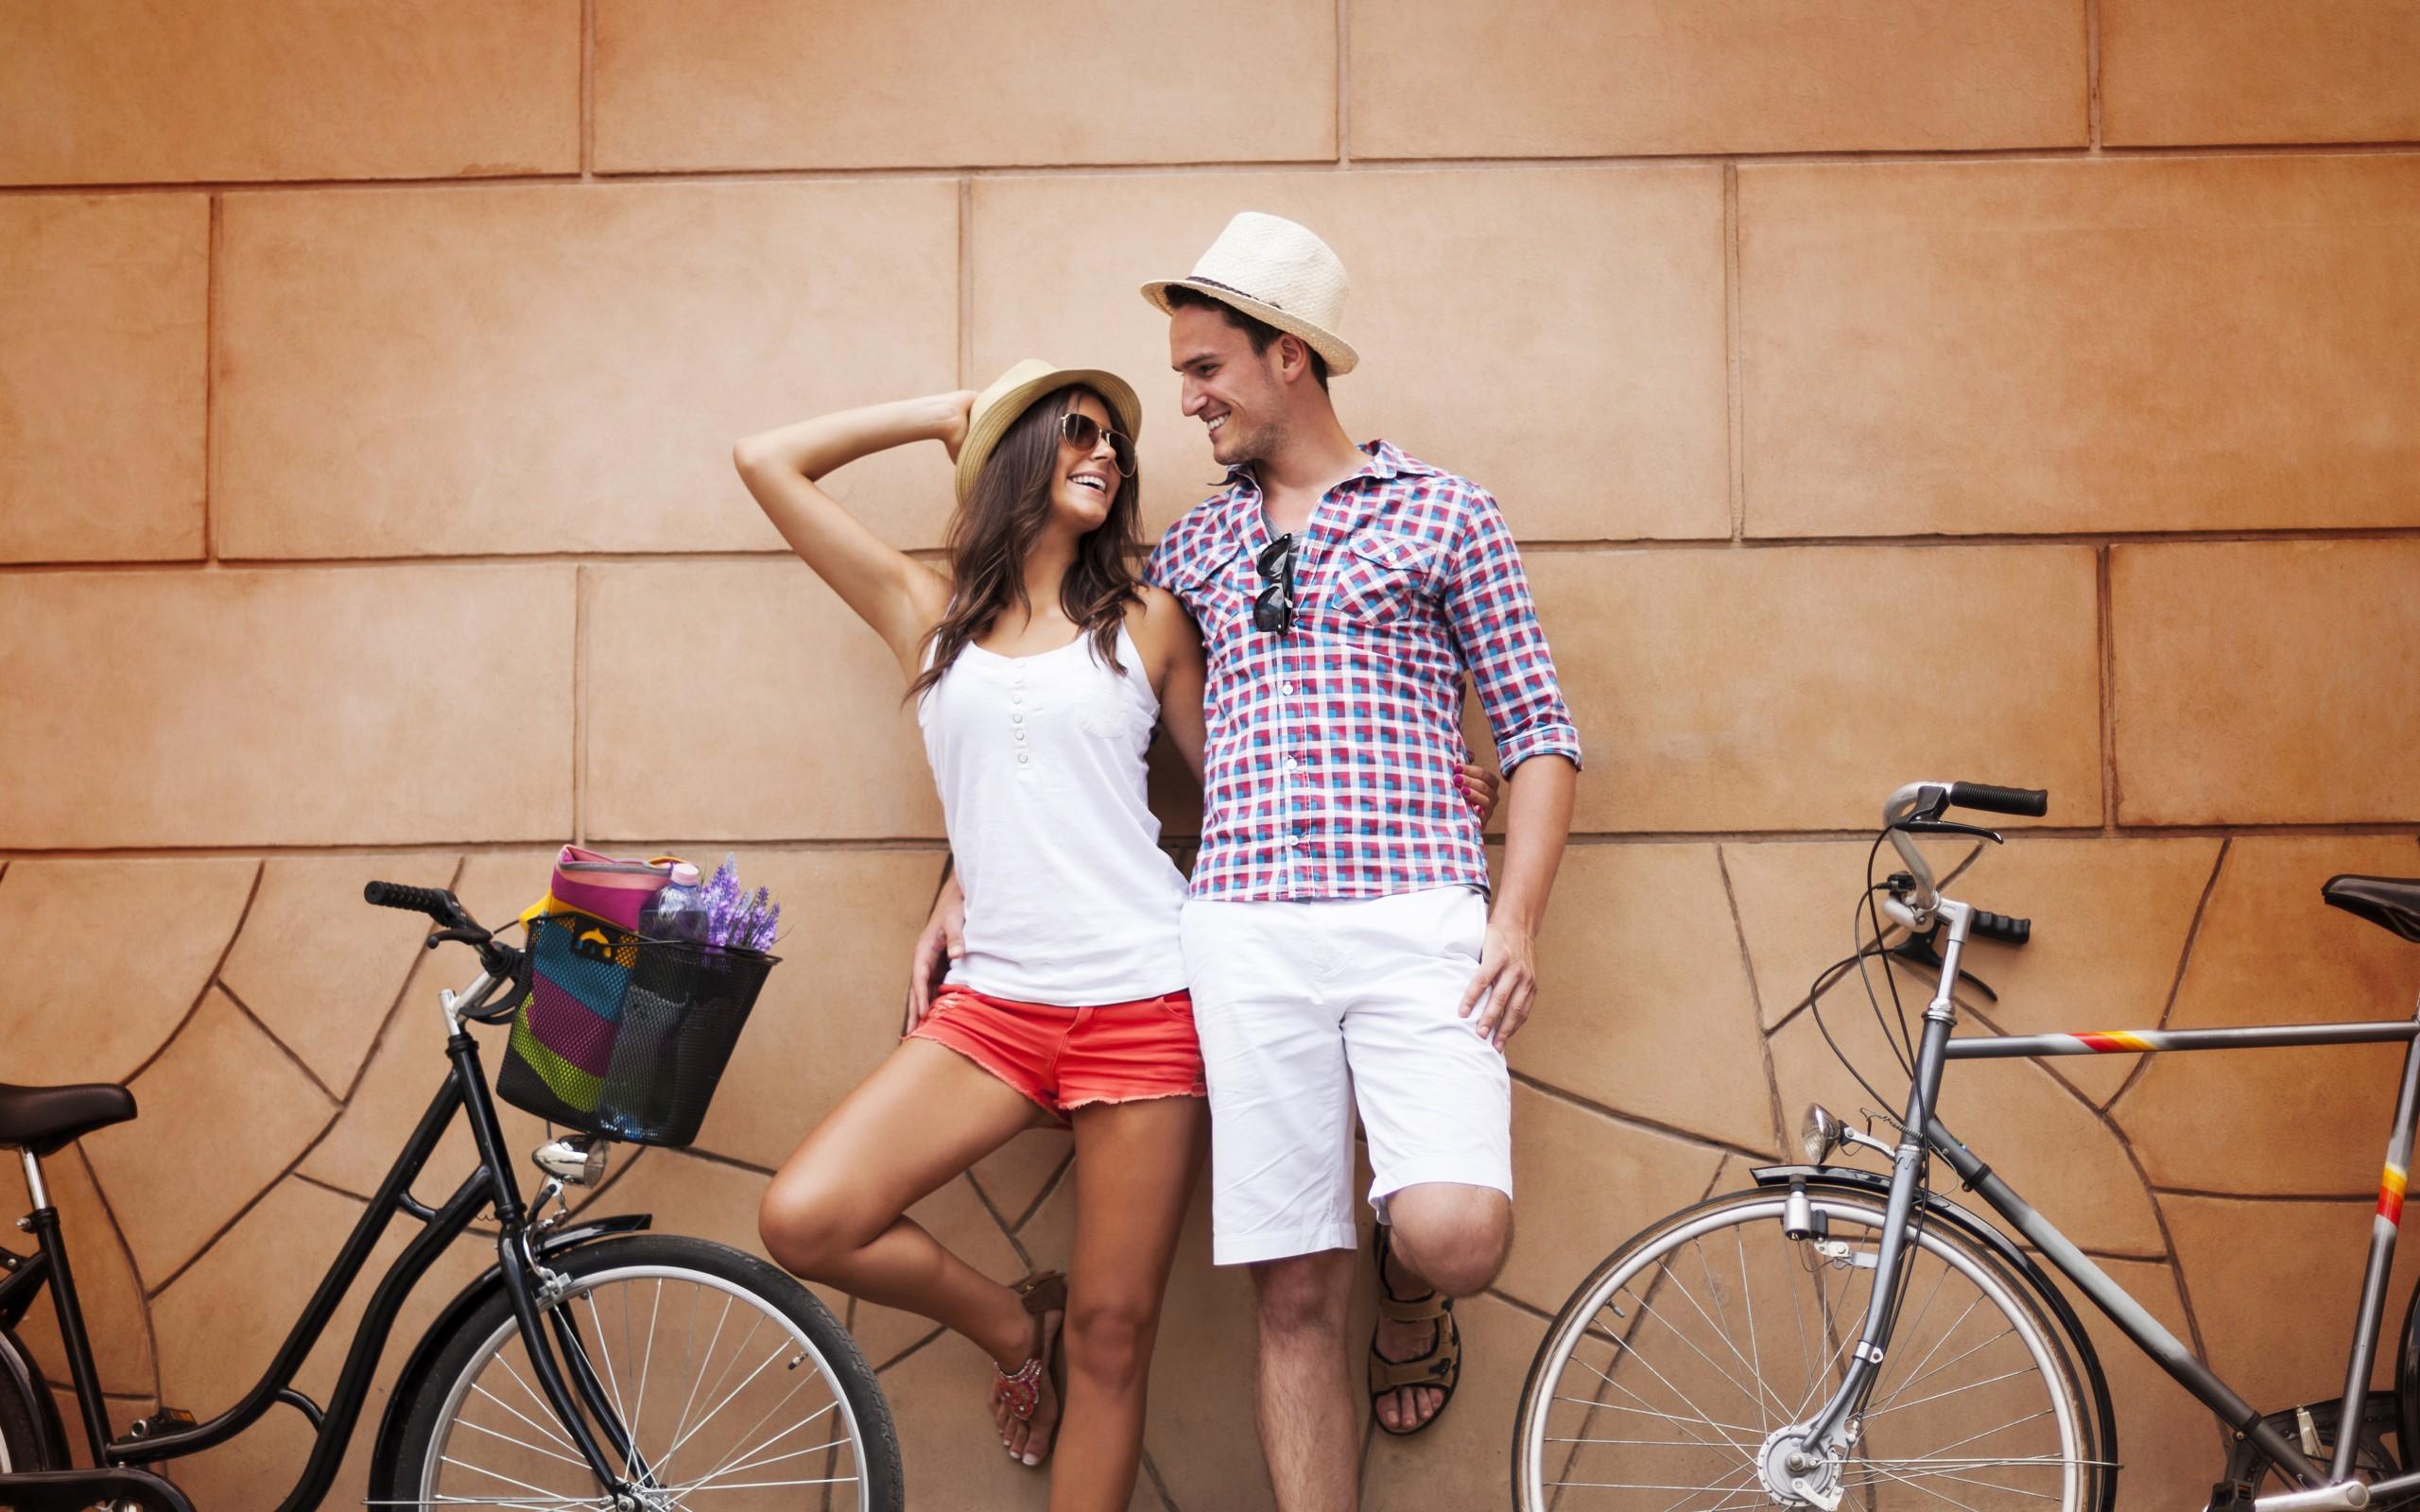 Картинка: Пара, девушка, мужчина, улыбка, смех, велосипед